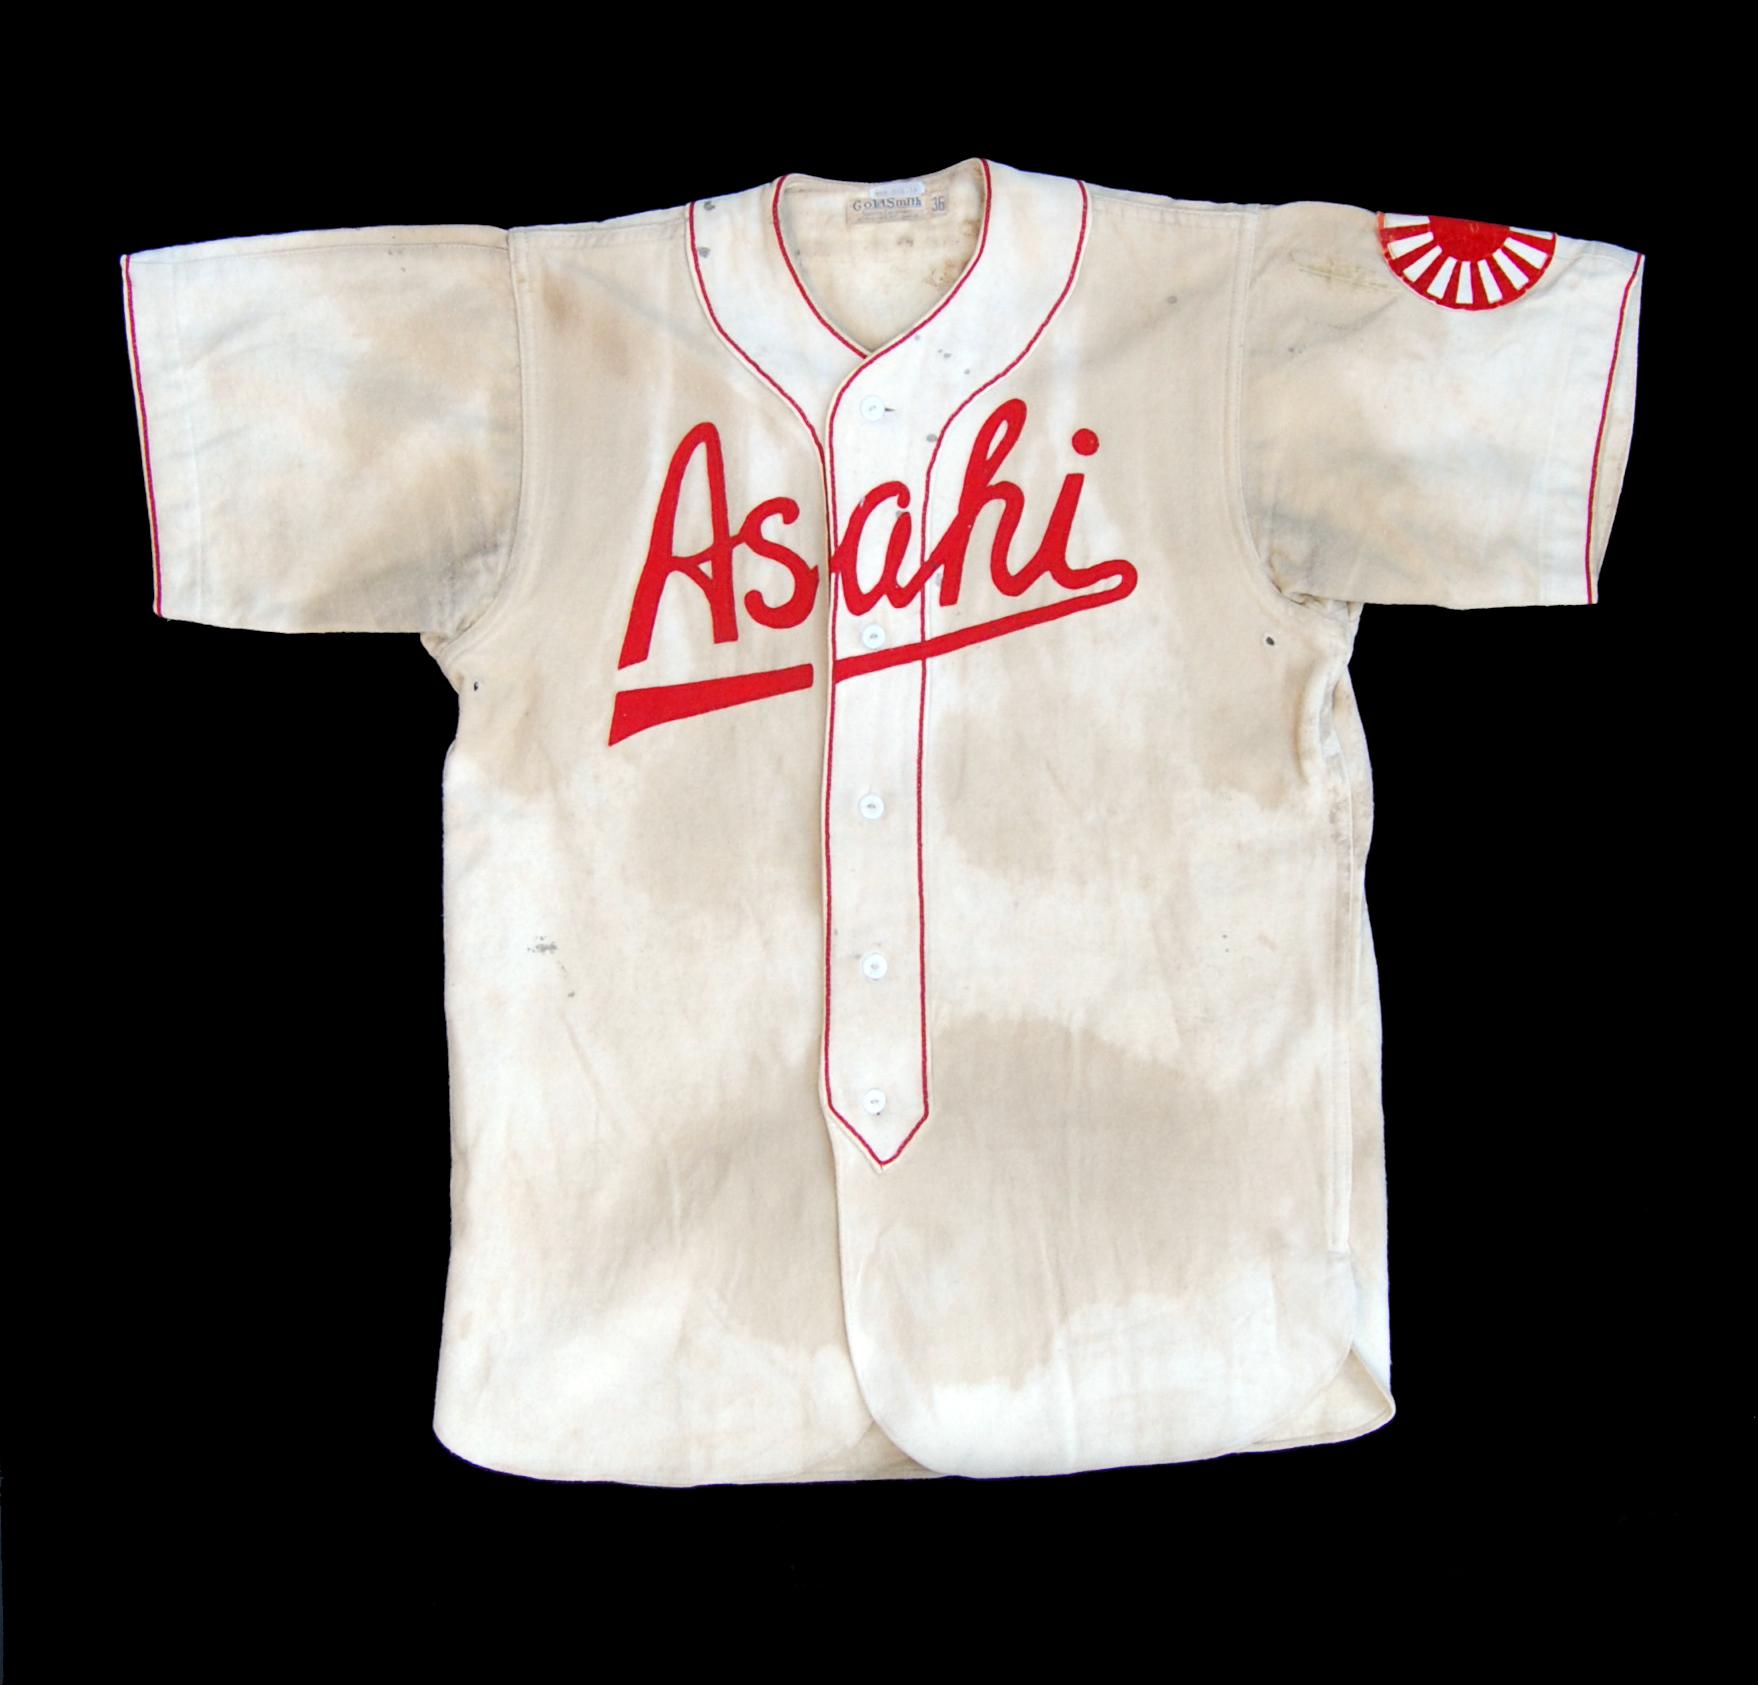 Asahi Baseball Jersey